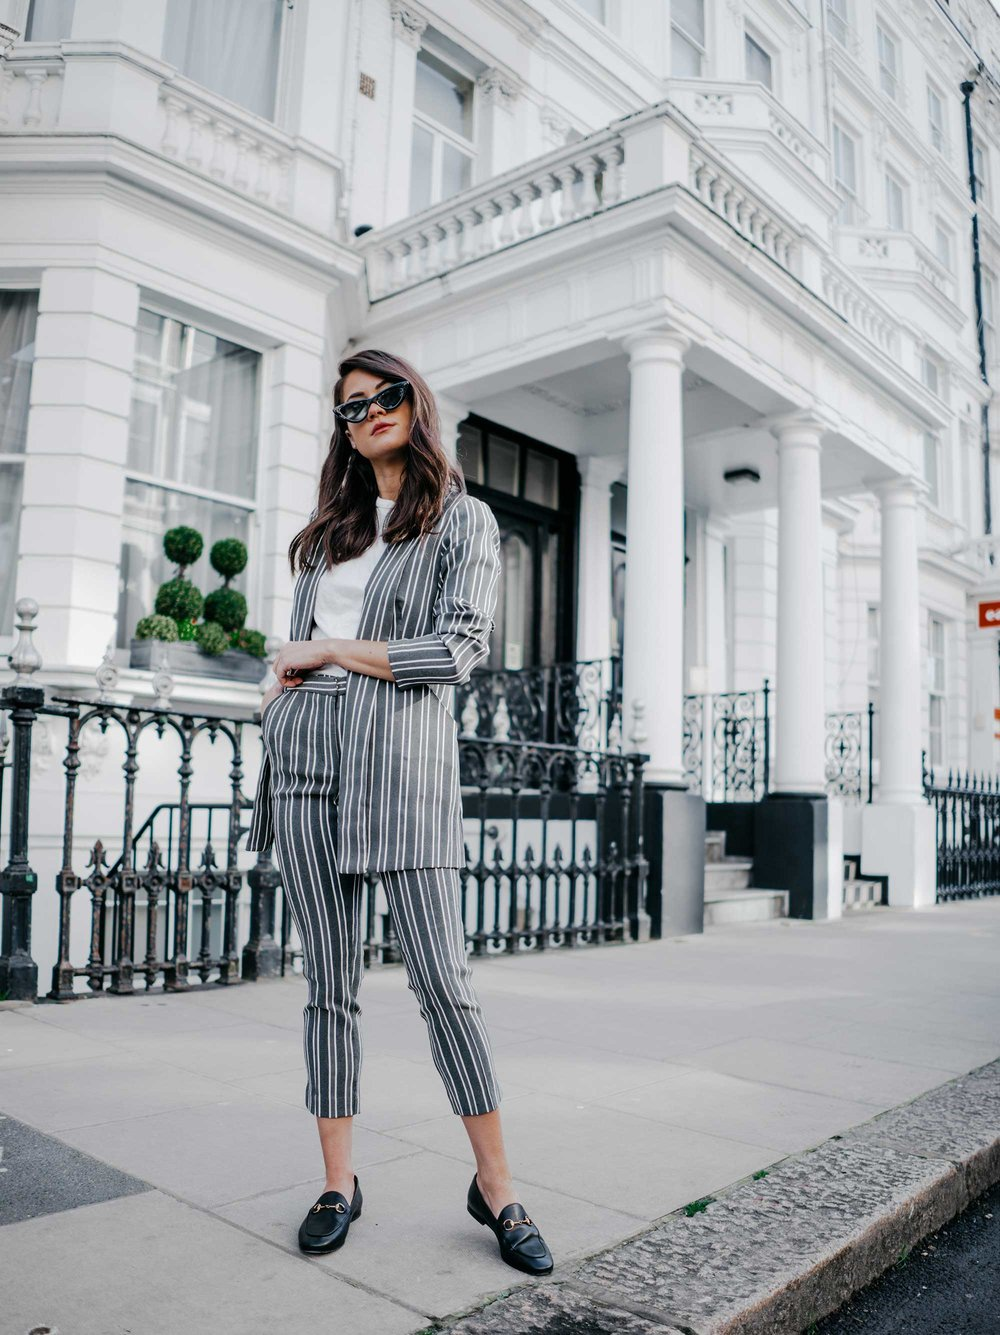 BCBG-Boyfriend-inspired-Striped-Open-Front-Blazer-and-Striped-Crop-Trouser-2.jpg